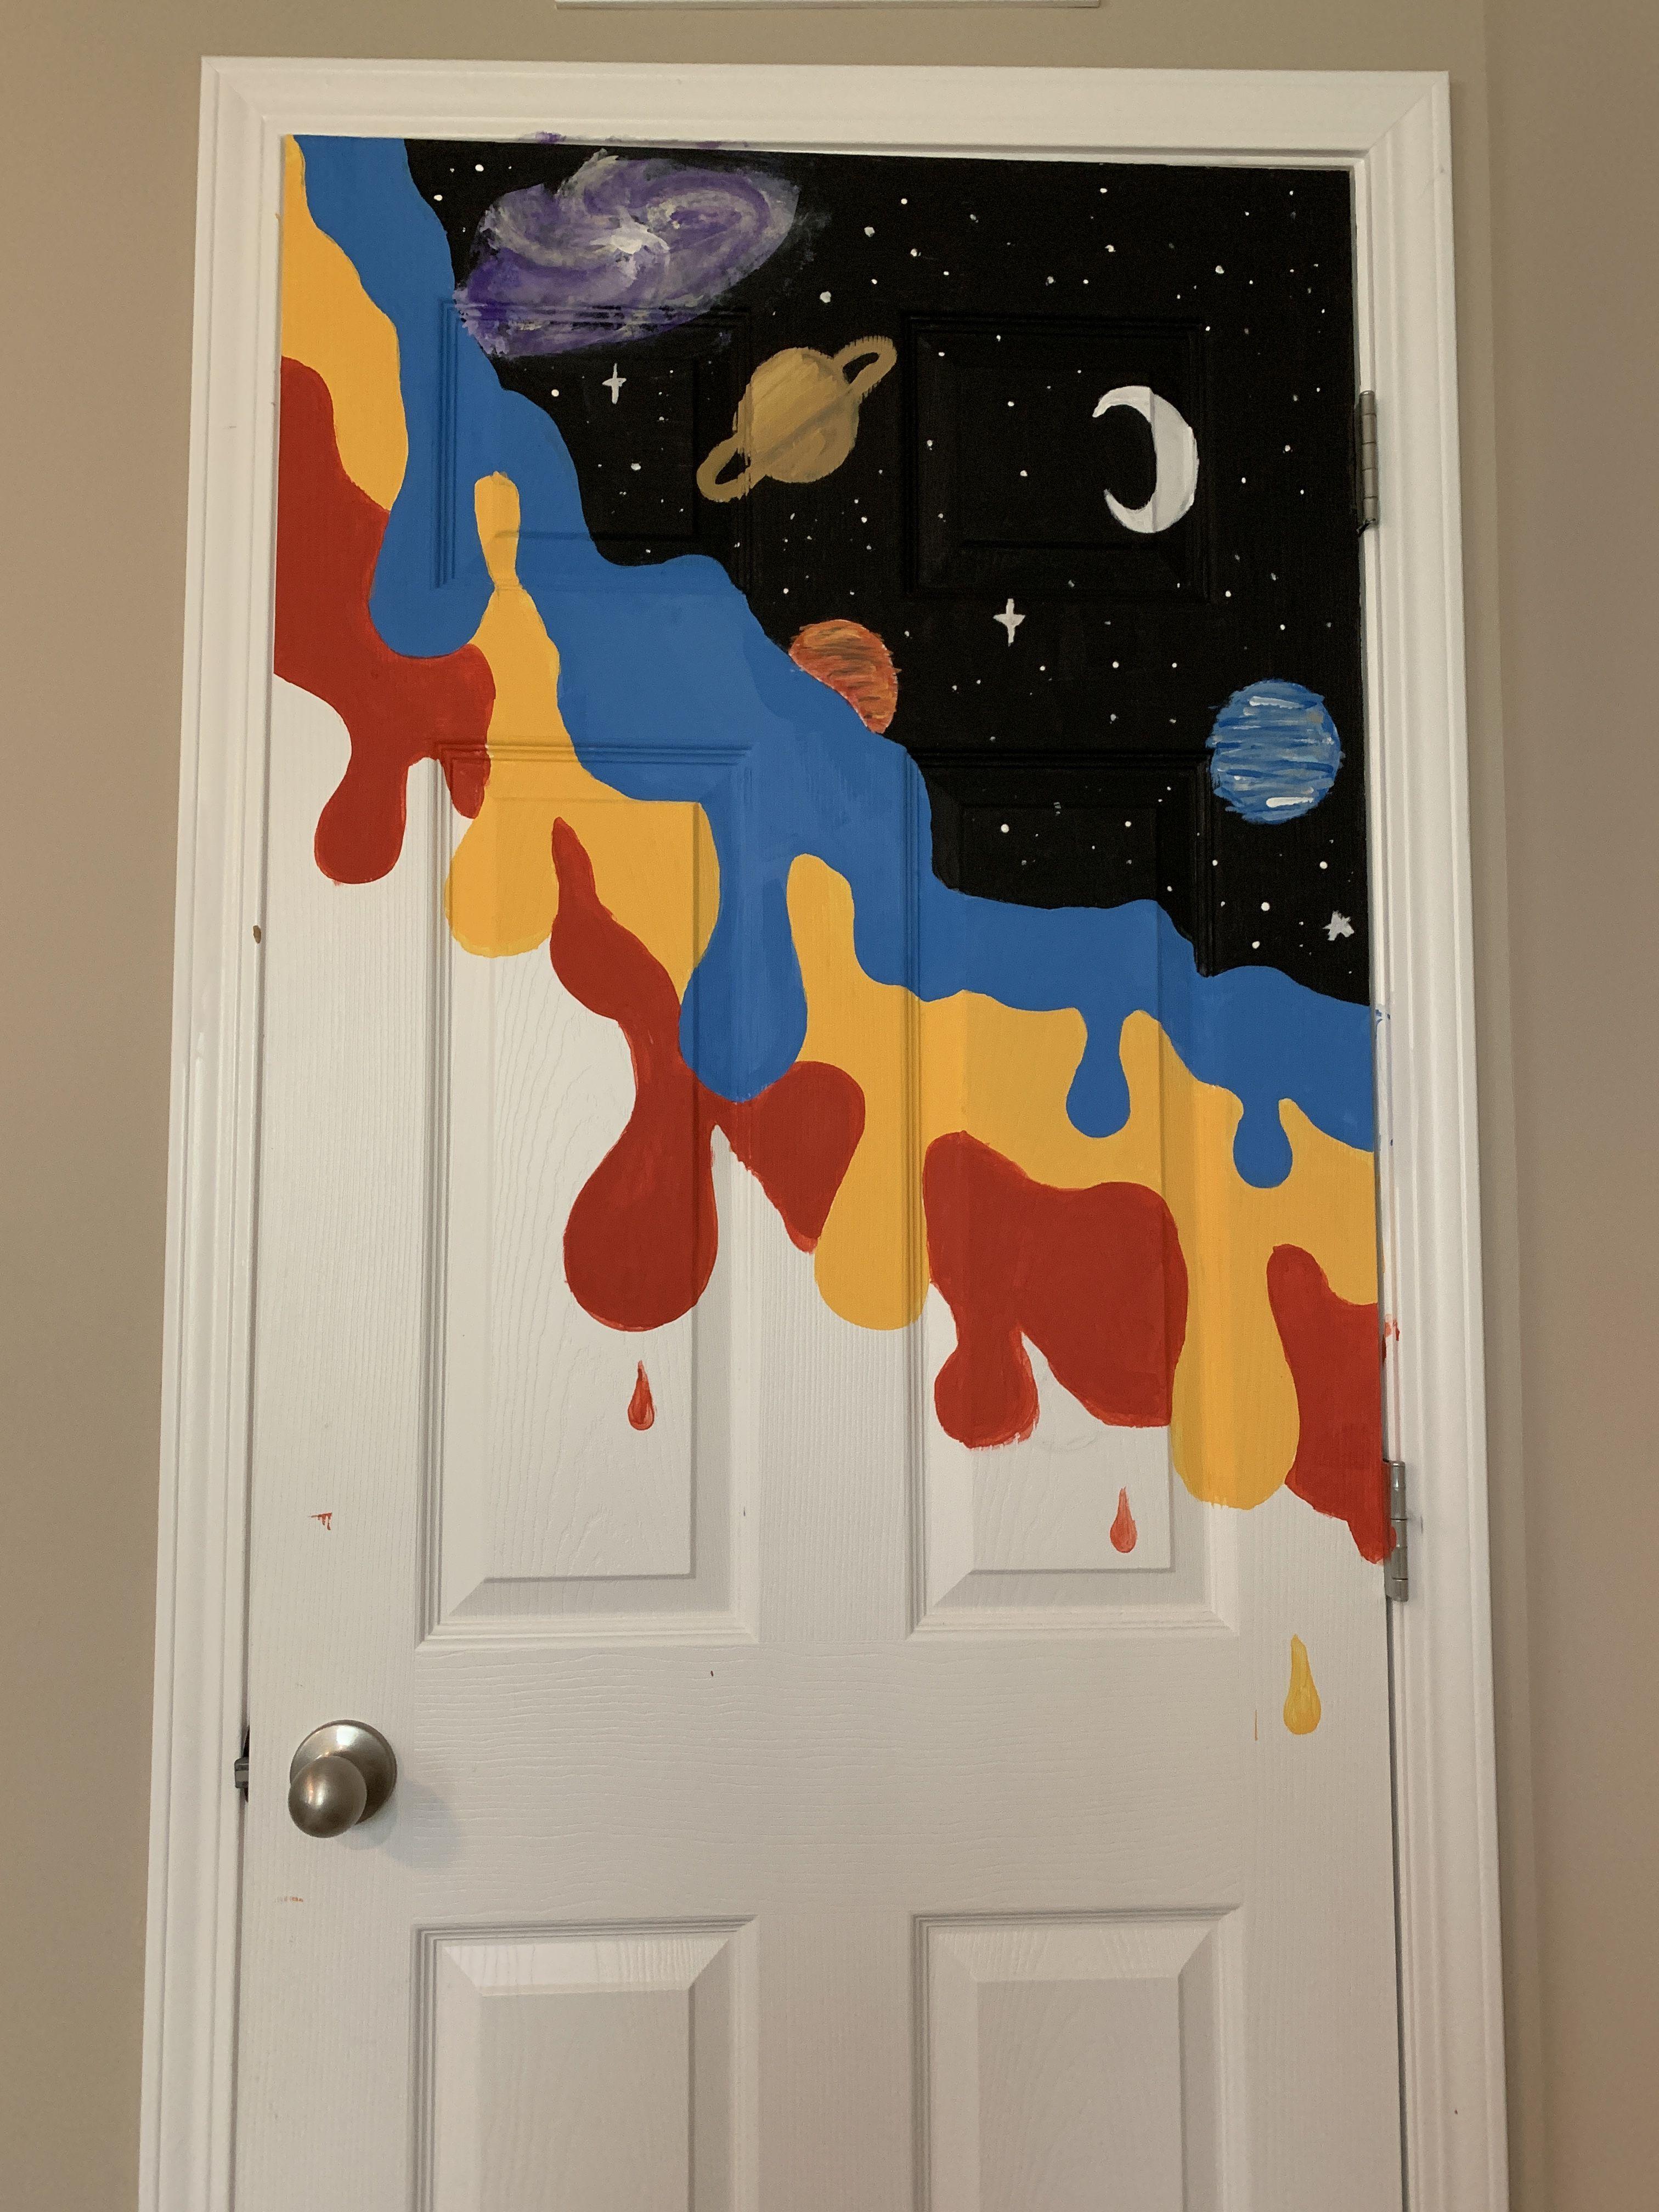 Door Painting Ideas Bedroom Aesthetic Door Painting Ideas Bedroom Aesthetic In 2020 Painted Bedroom Doors Bedroom Wall Paint Painted Doors